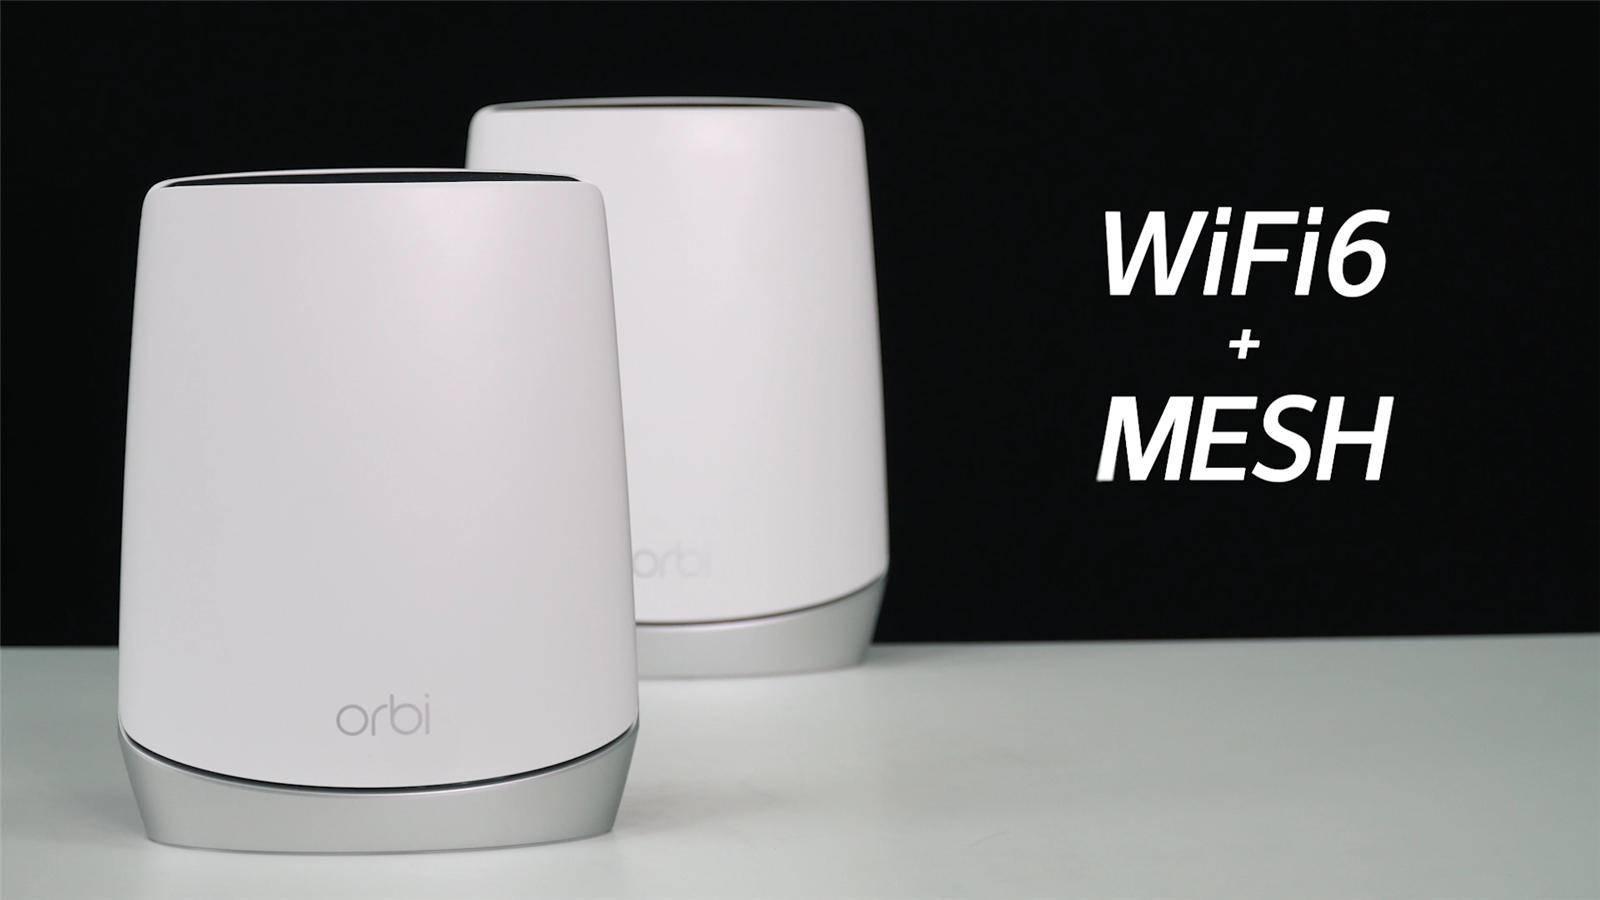 告别中继,喜迎WiFi6+MESH!网件RBK752路由器开箱评测